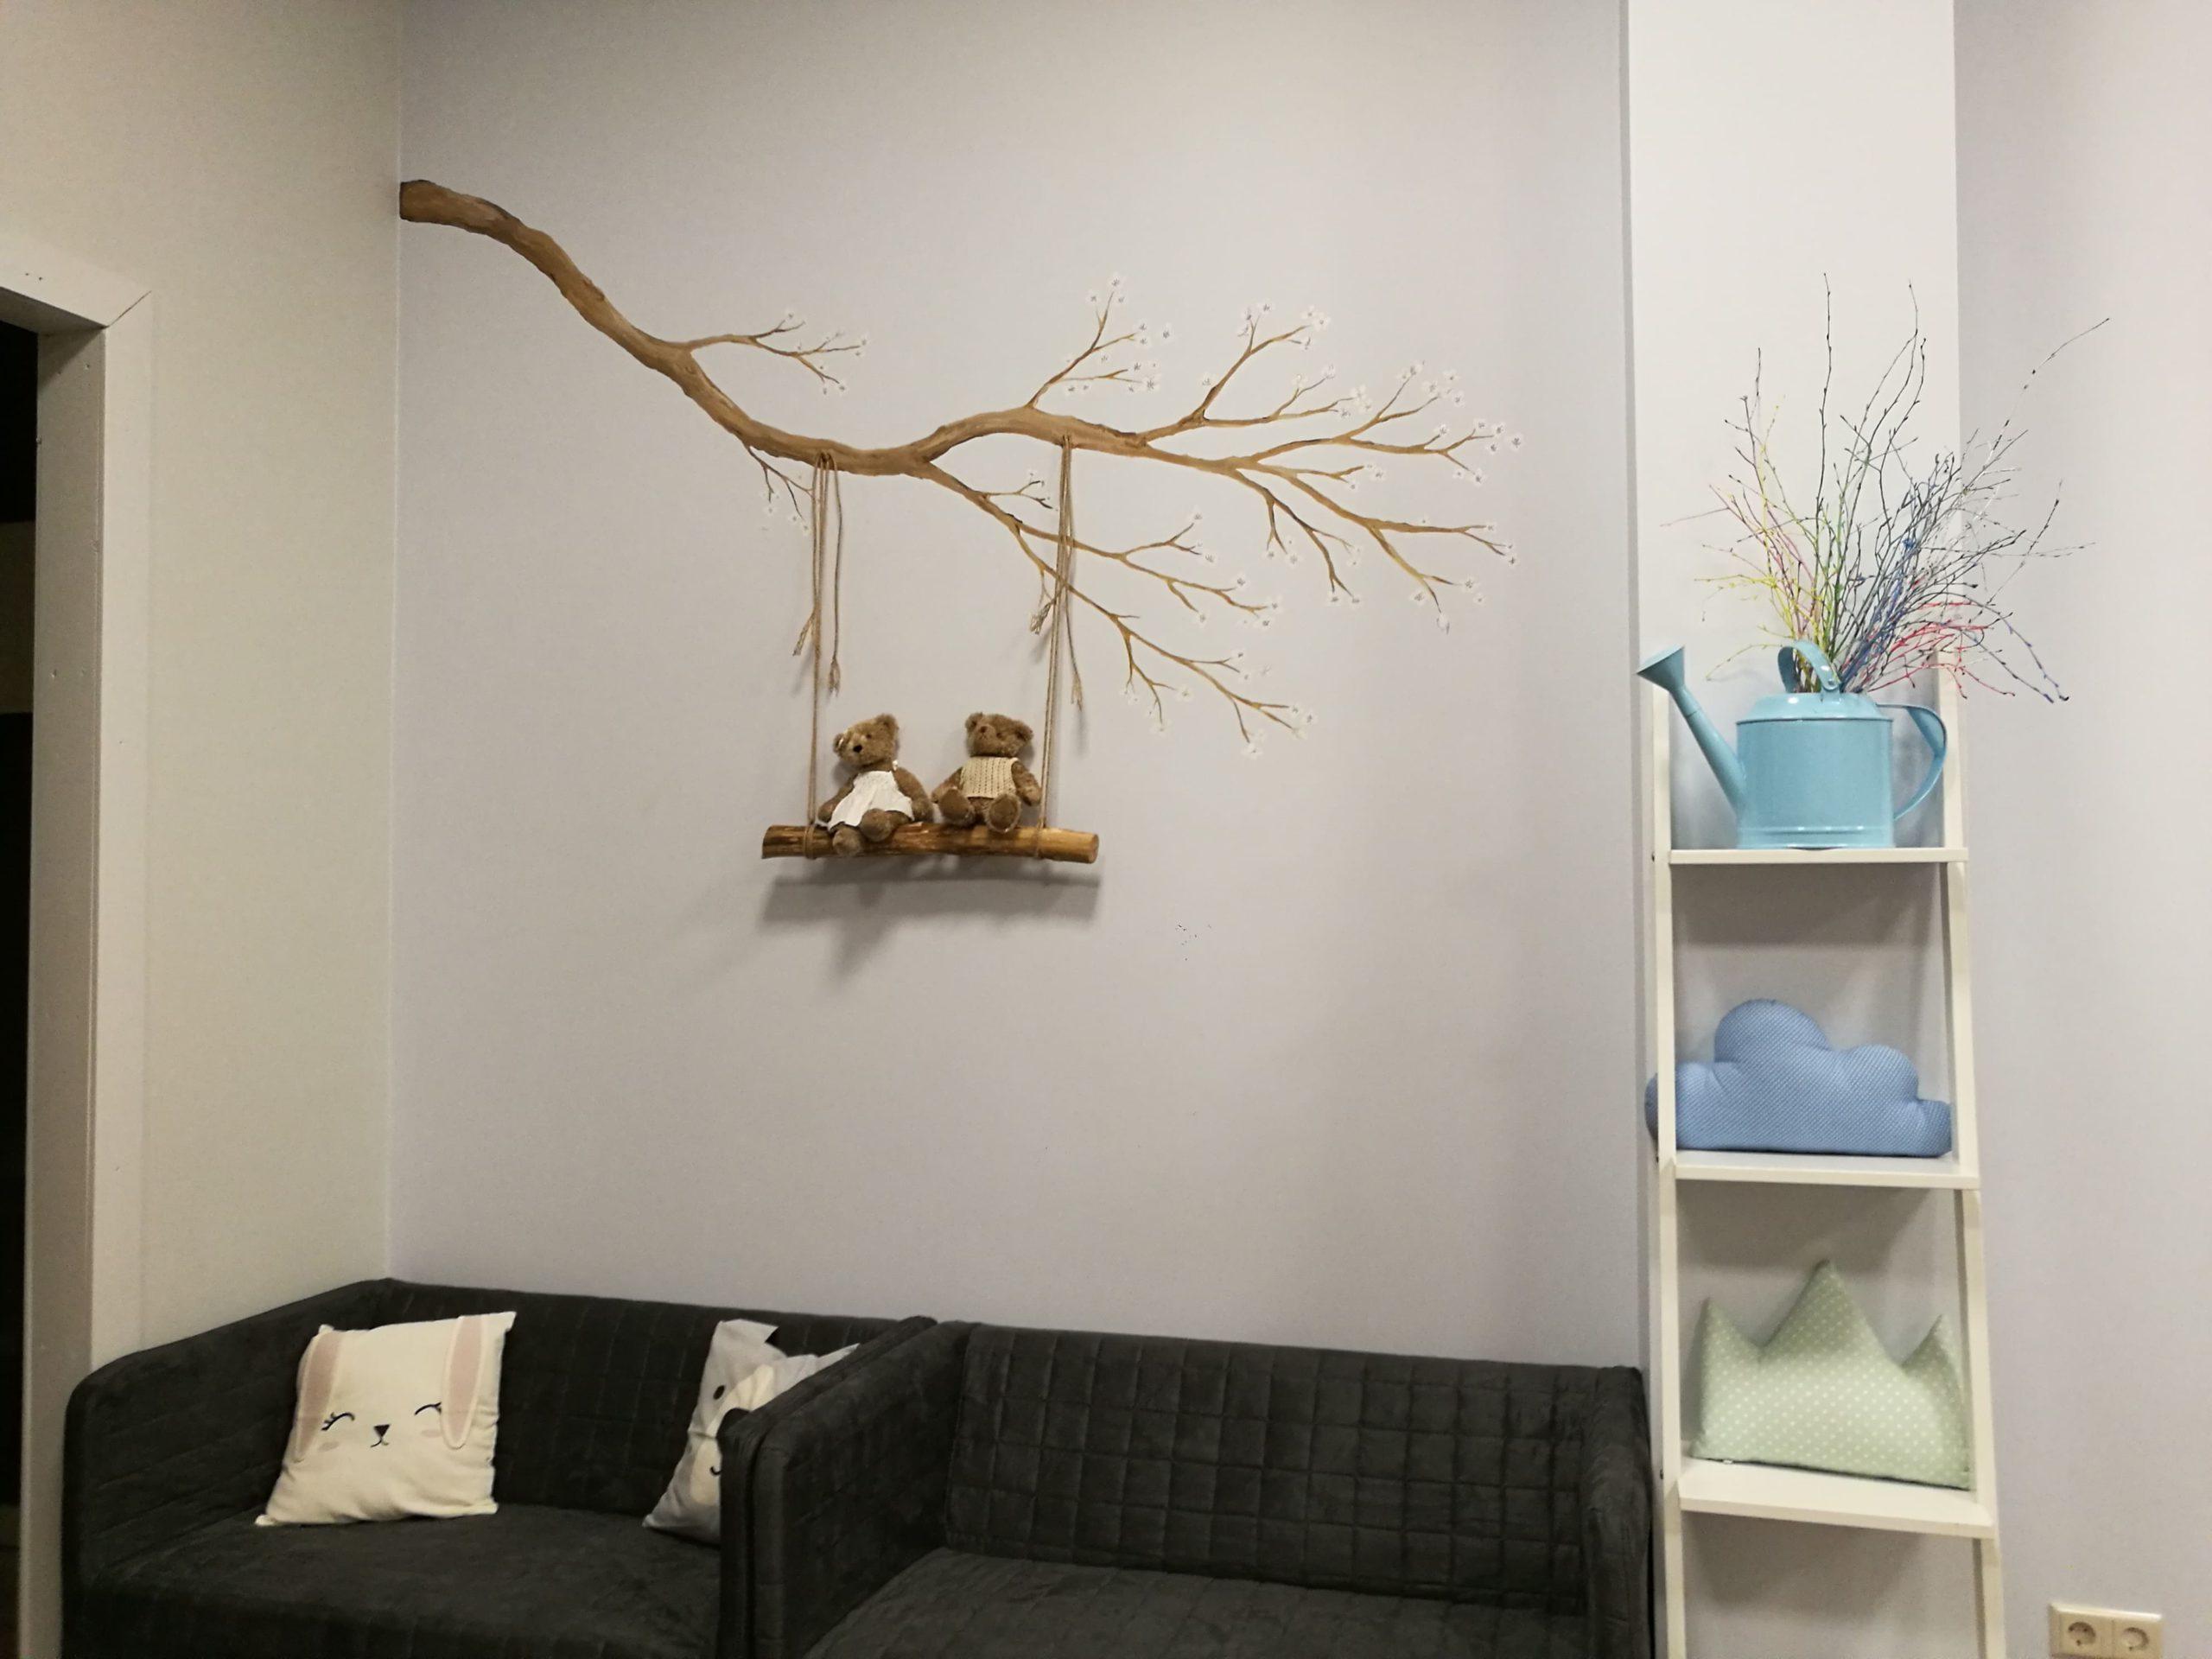 menine-kuryba-sienu-dekoravimas-ugdymo-istaigos (17)